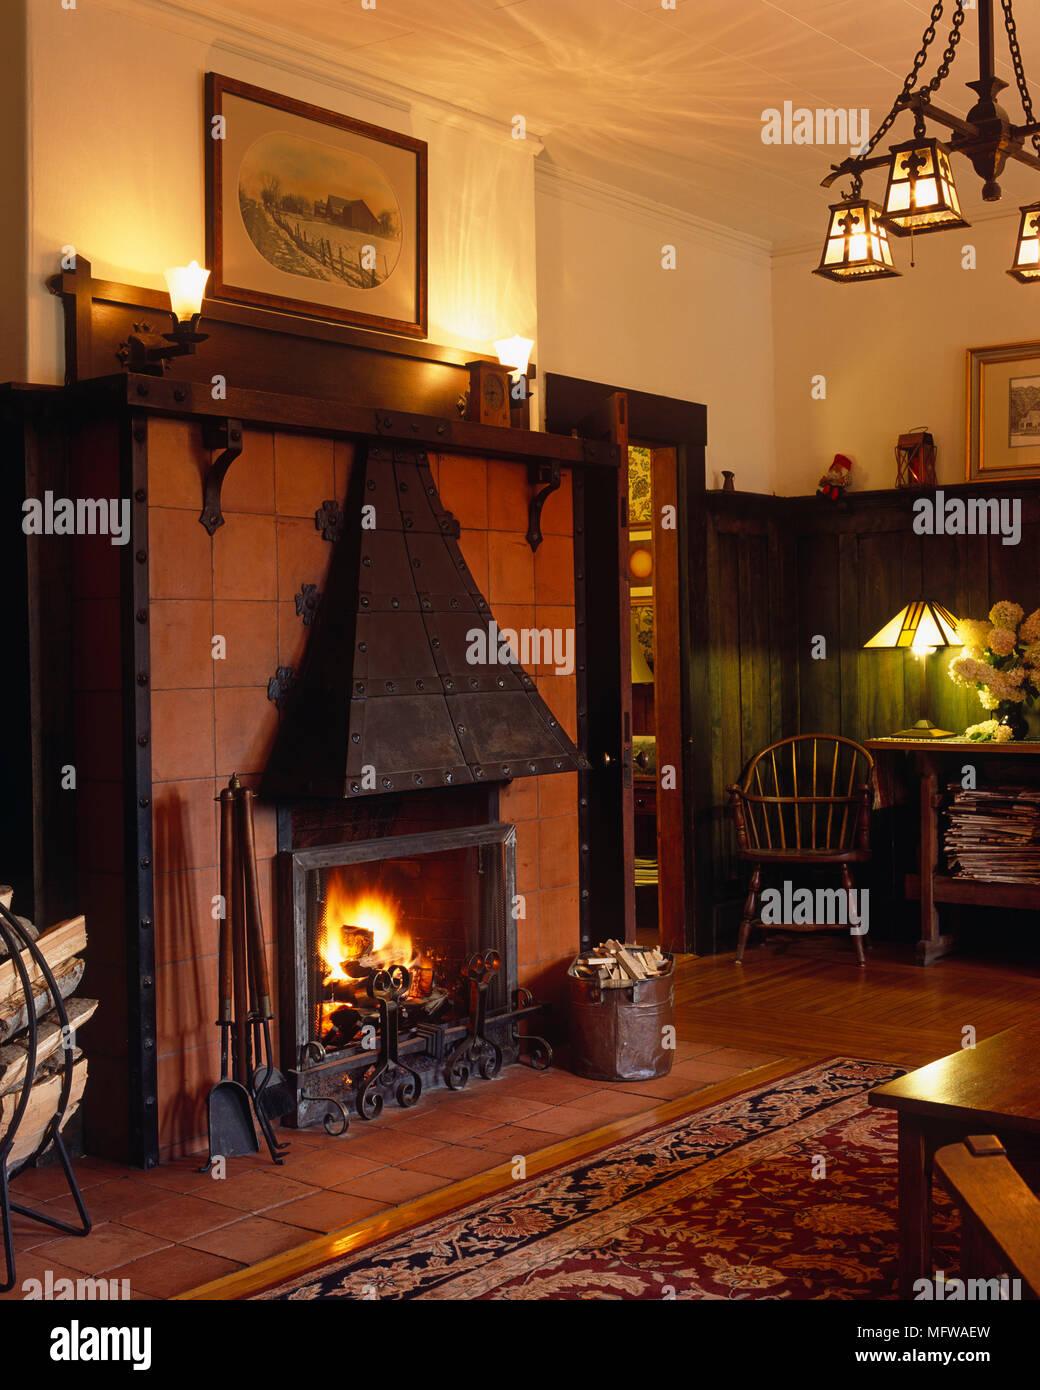 Kamin mit brennenden Feuer im gemütlichen Wohnzimmer Stockfoto, Bild ...